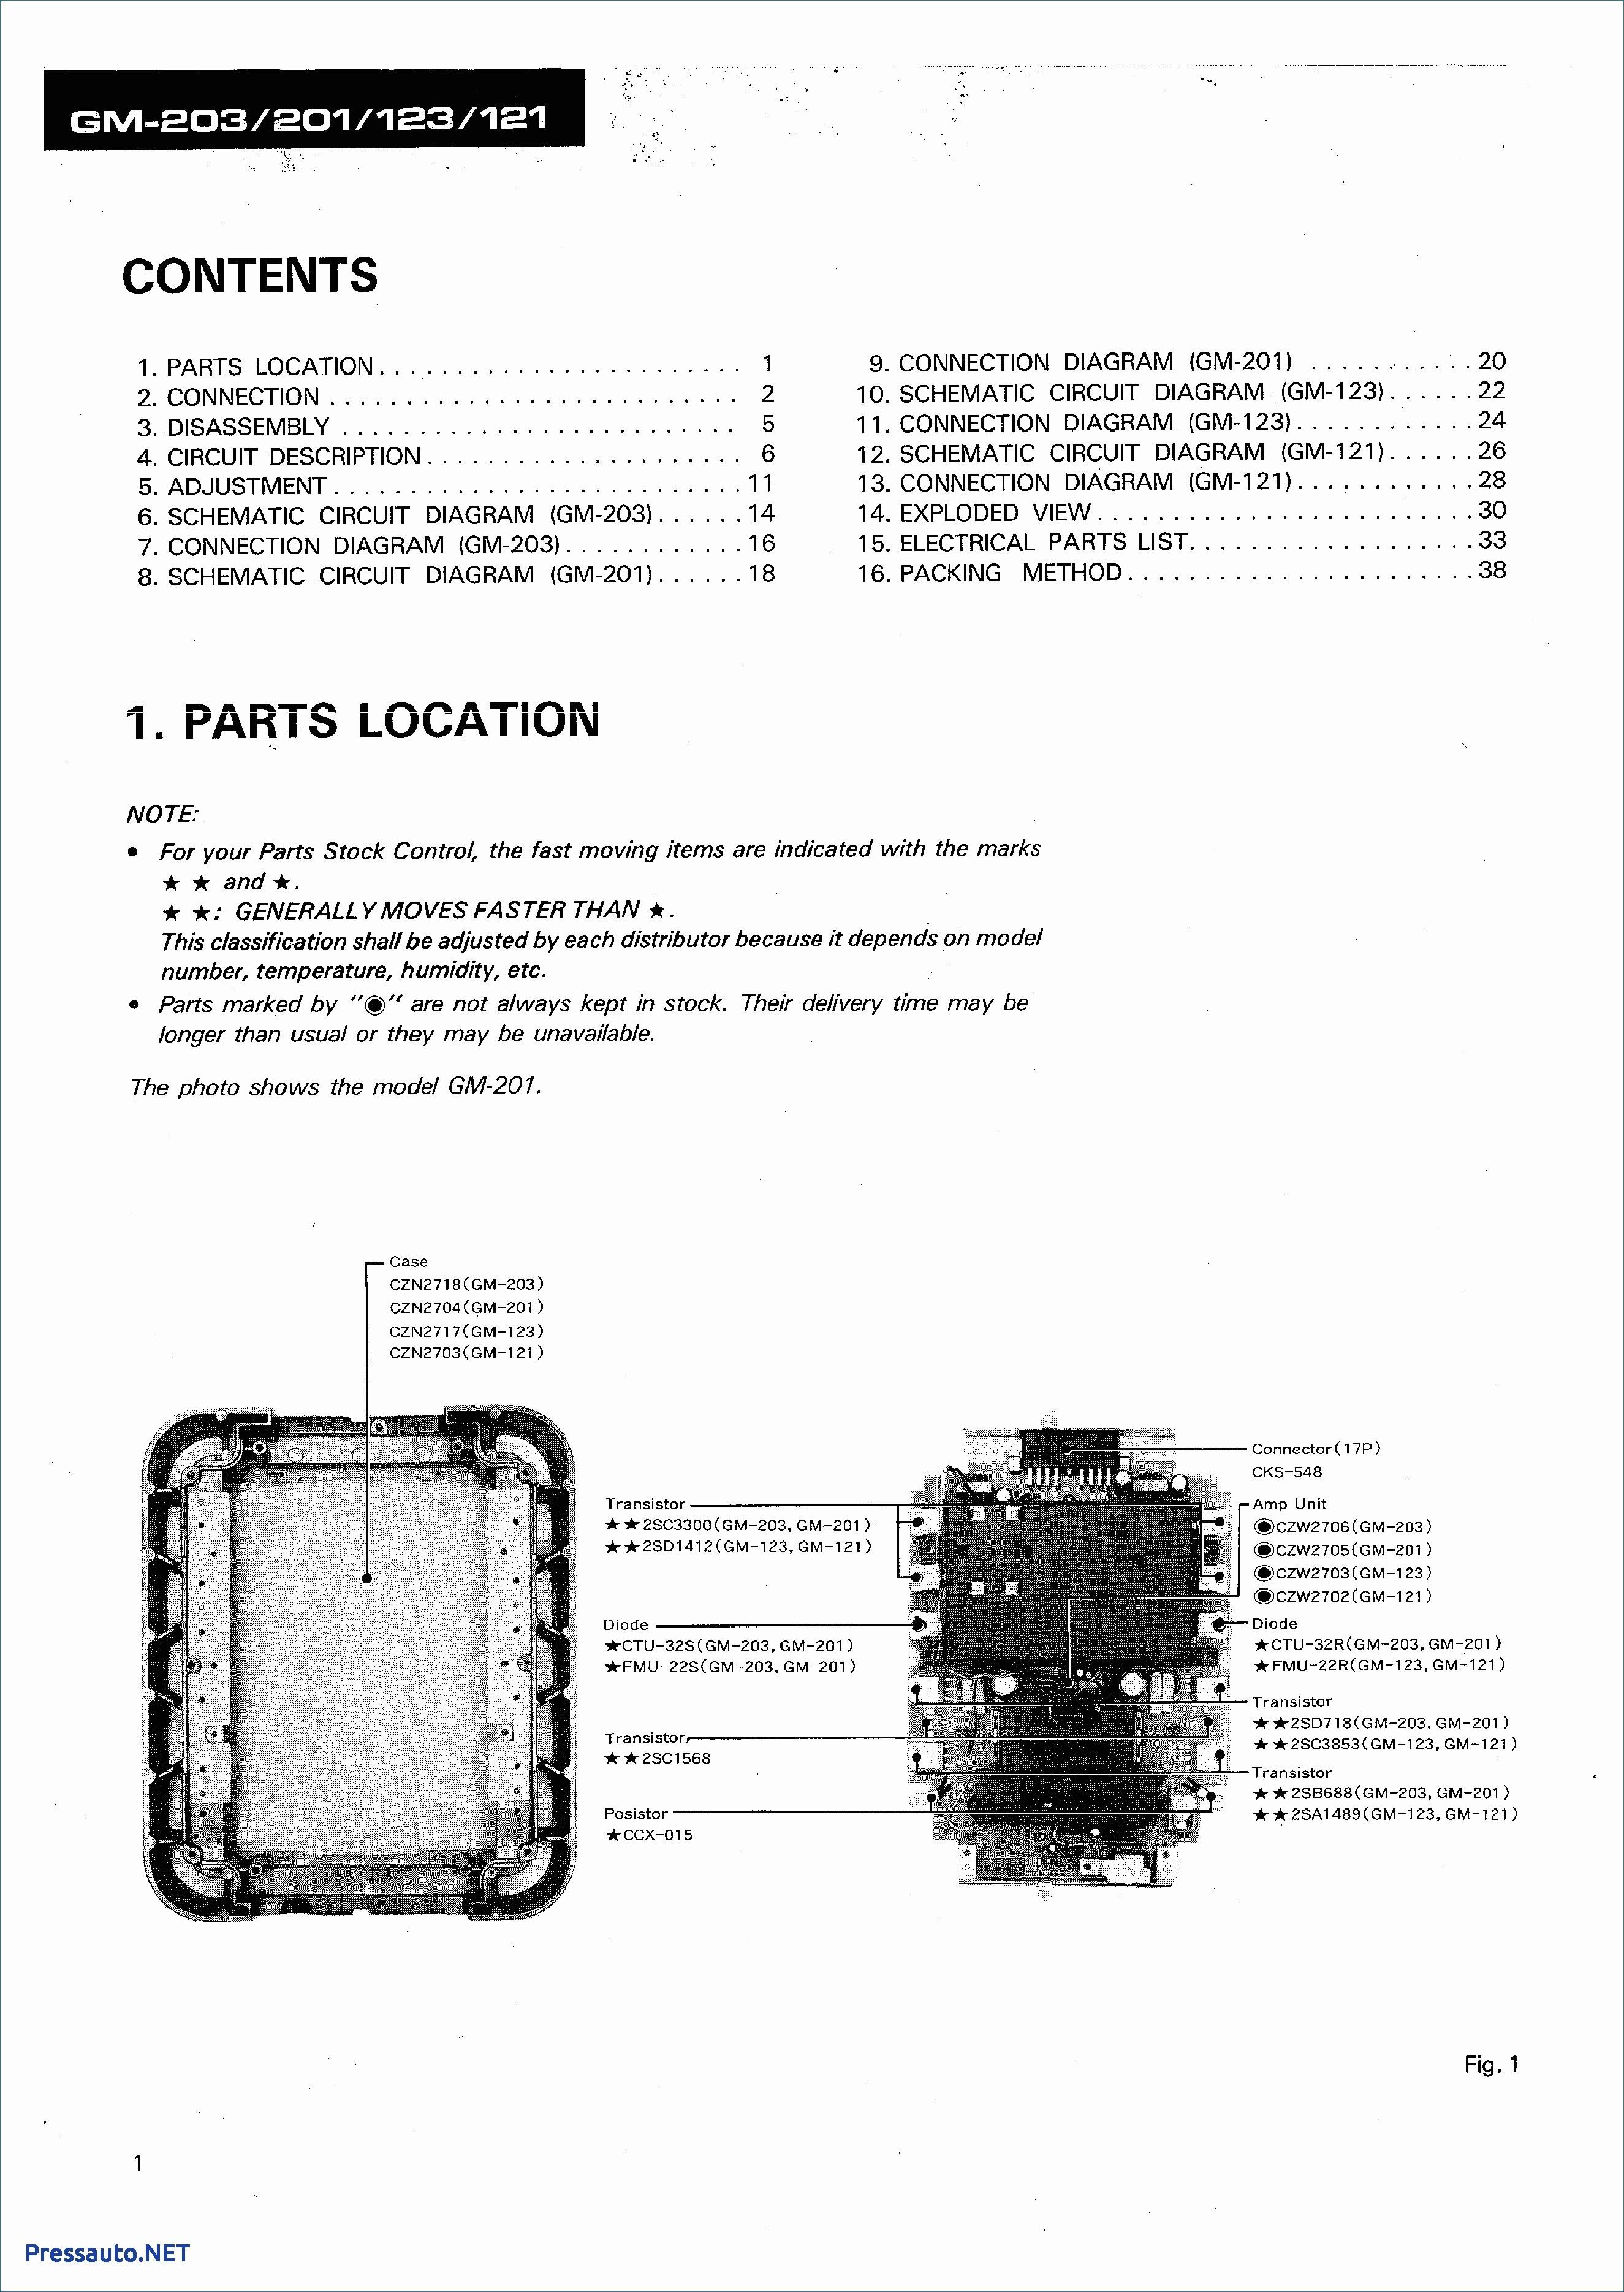 pioneer avic n1 wiring diagram gm dvd wiring diagram e1 wiring diagram  gm dvd wiring diagram e1 wiring diagram